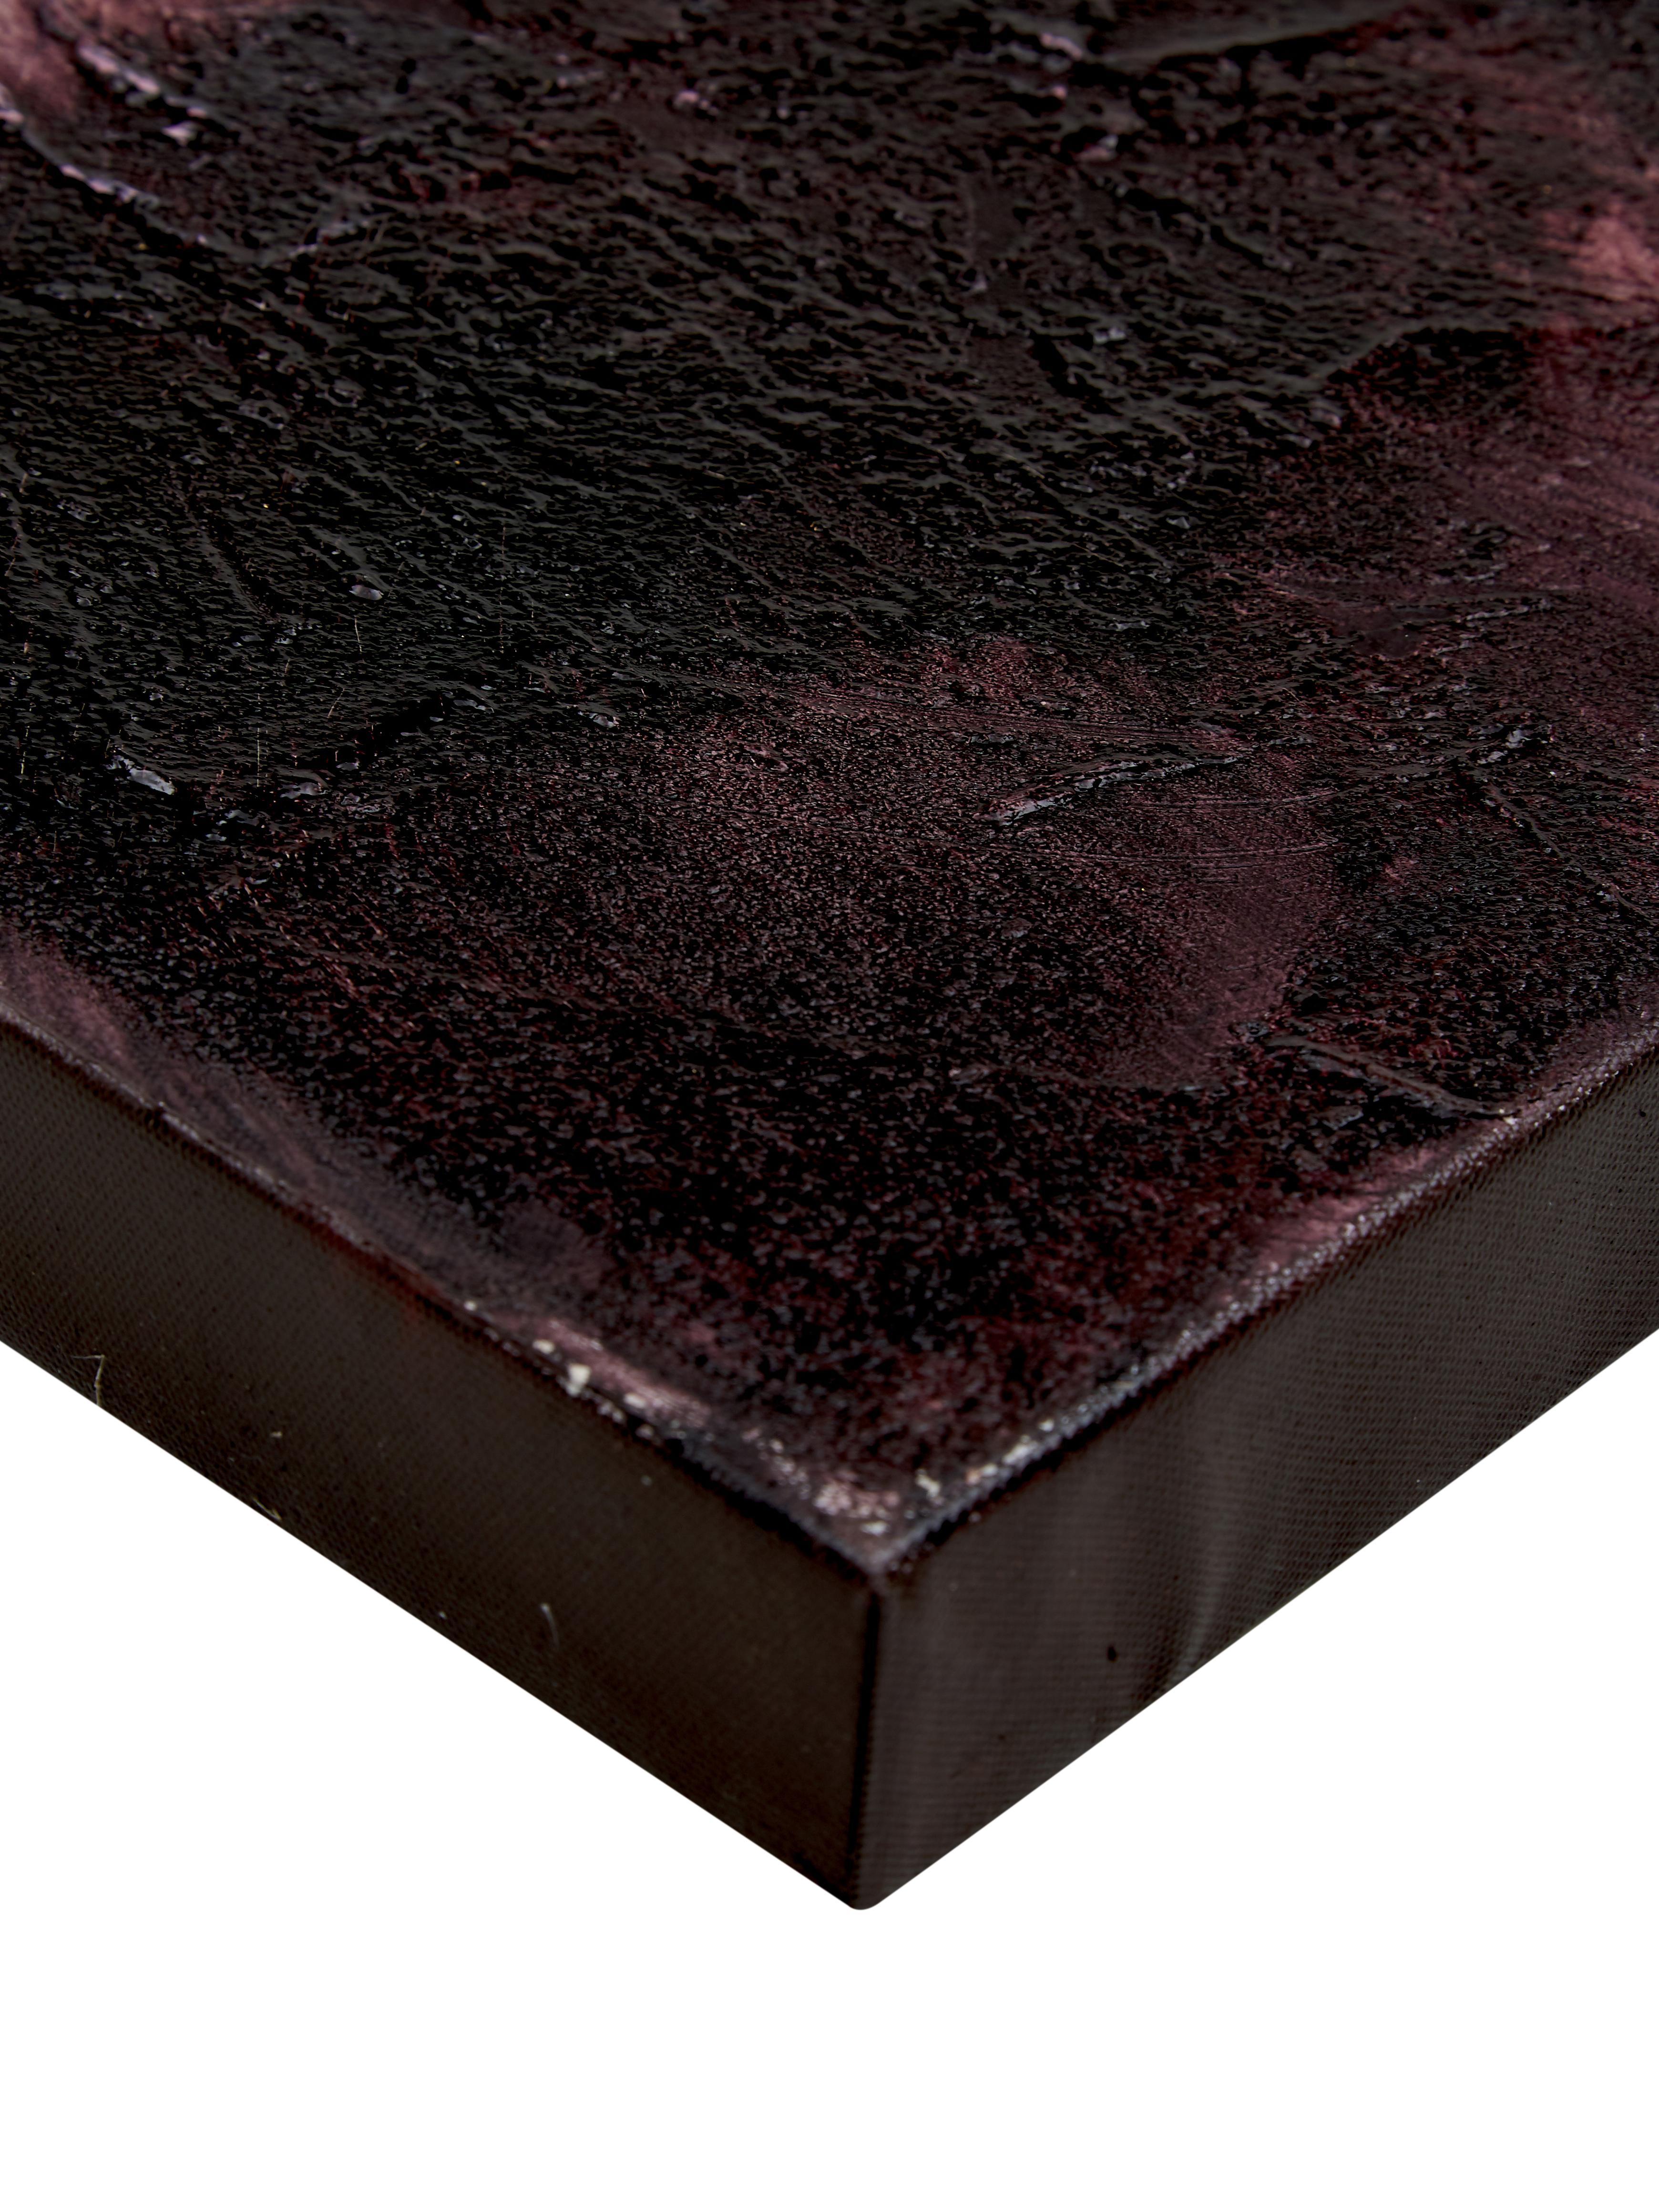 Handgemaltes Leinwandbild Turning Red, Bild: Ölfarben auf Leinen (300 , Mehrfarbig, 120 x 90 cm